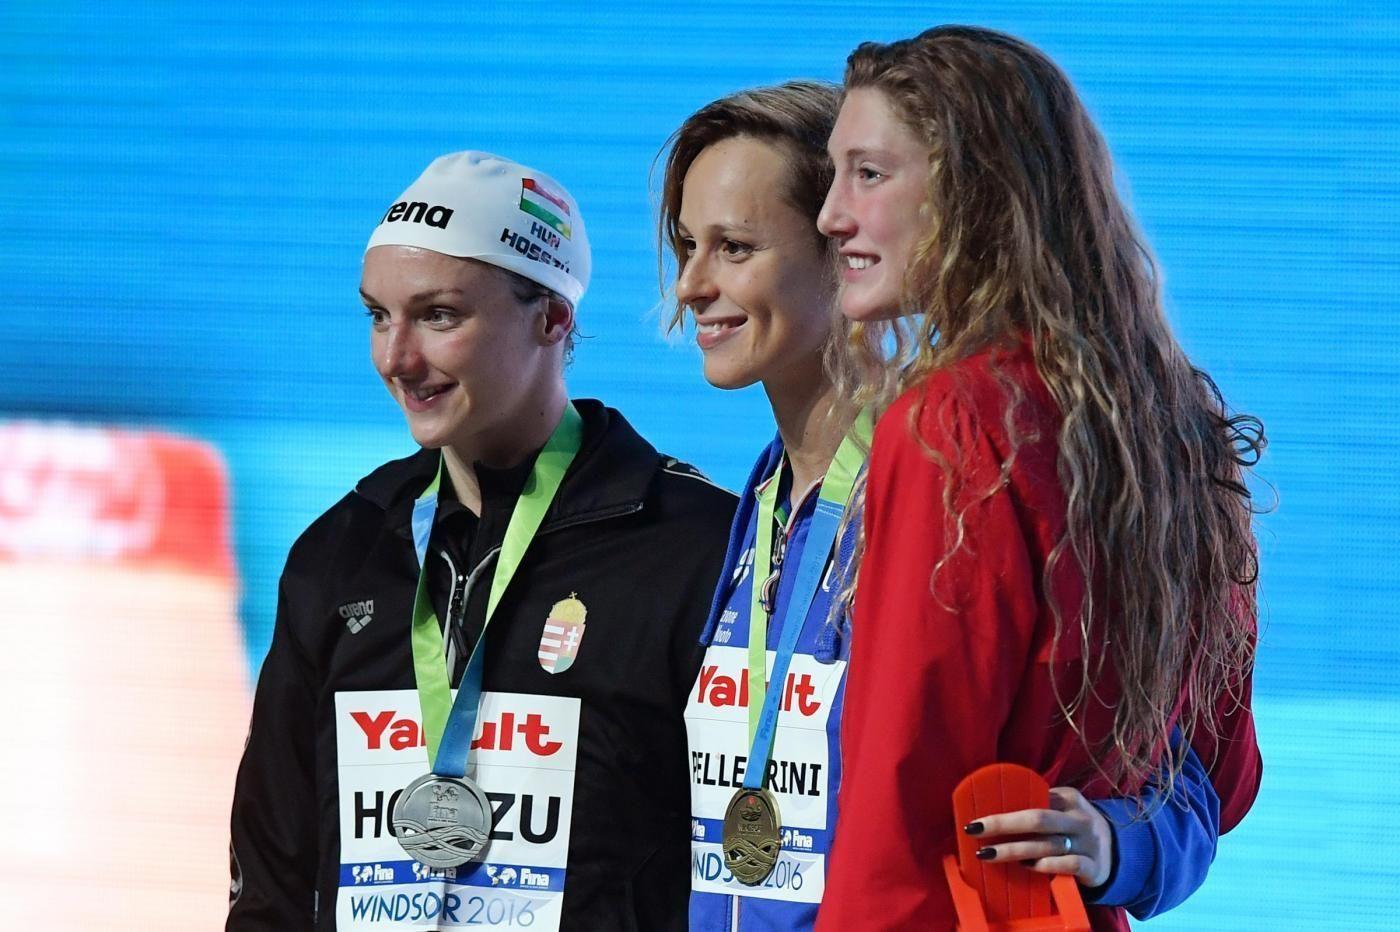 13mi Campionati del mondo di nuoto (25mt)